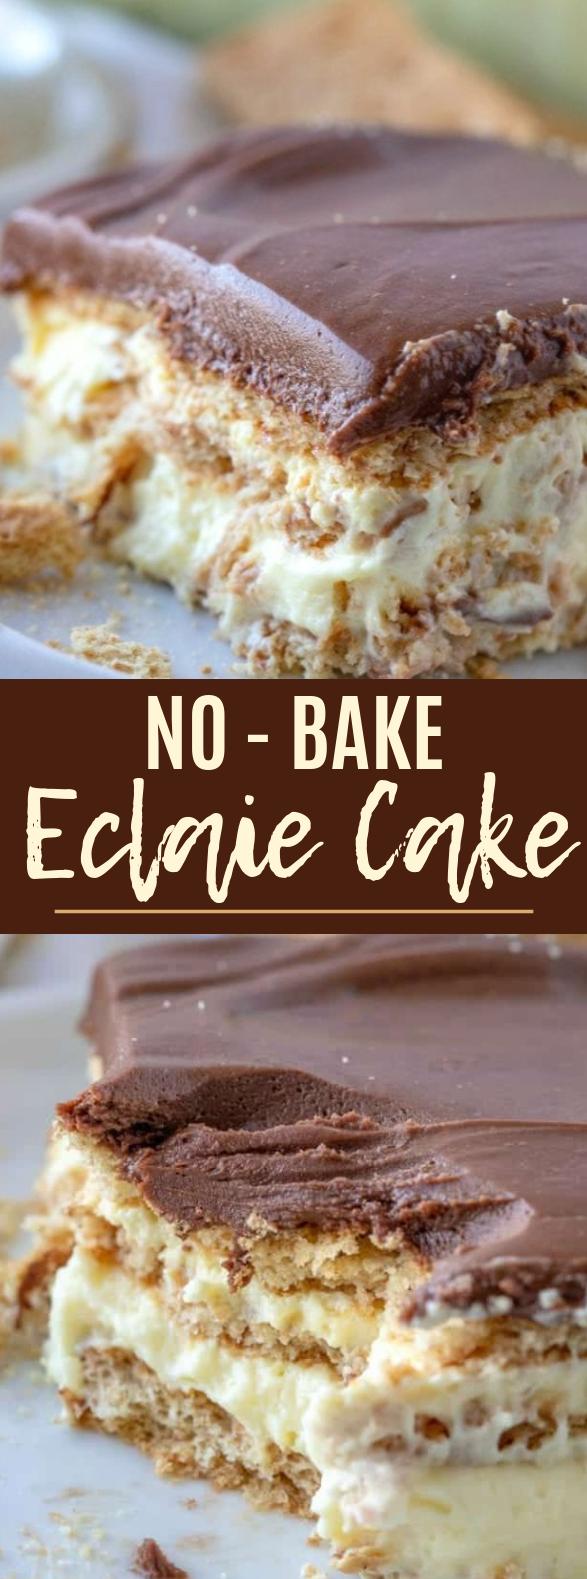 No-Bake Eclair Cake #dessert #cake